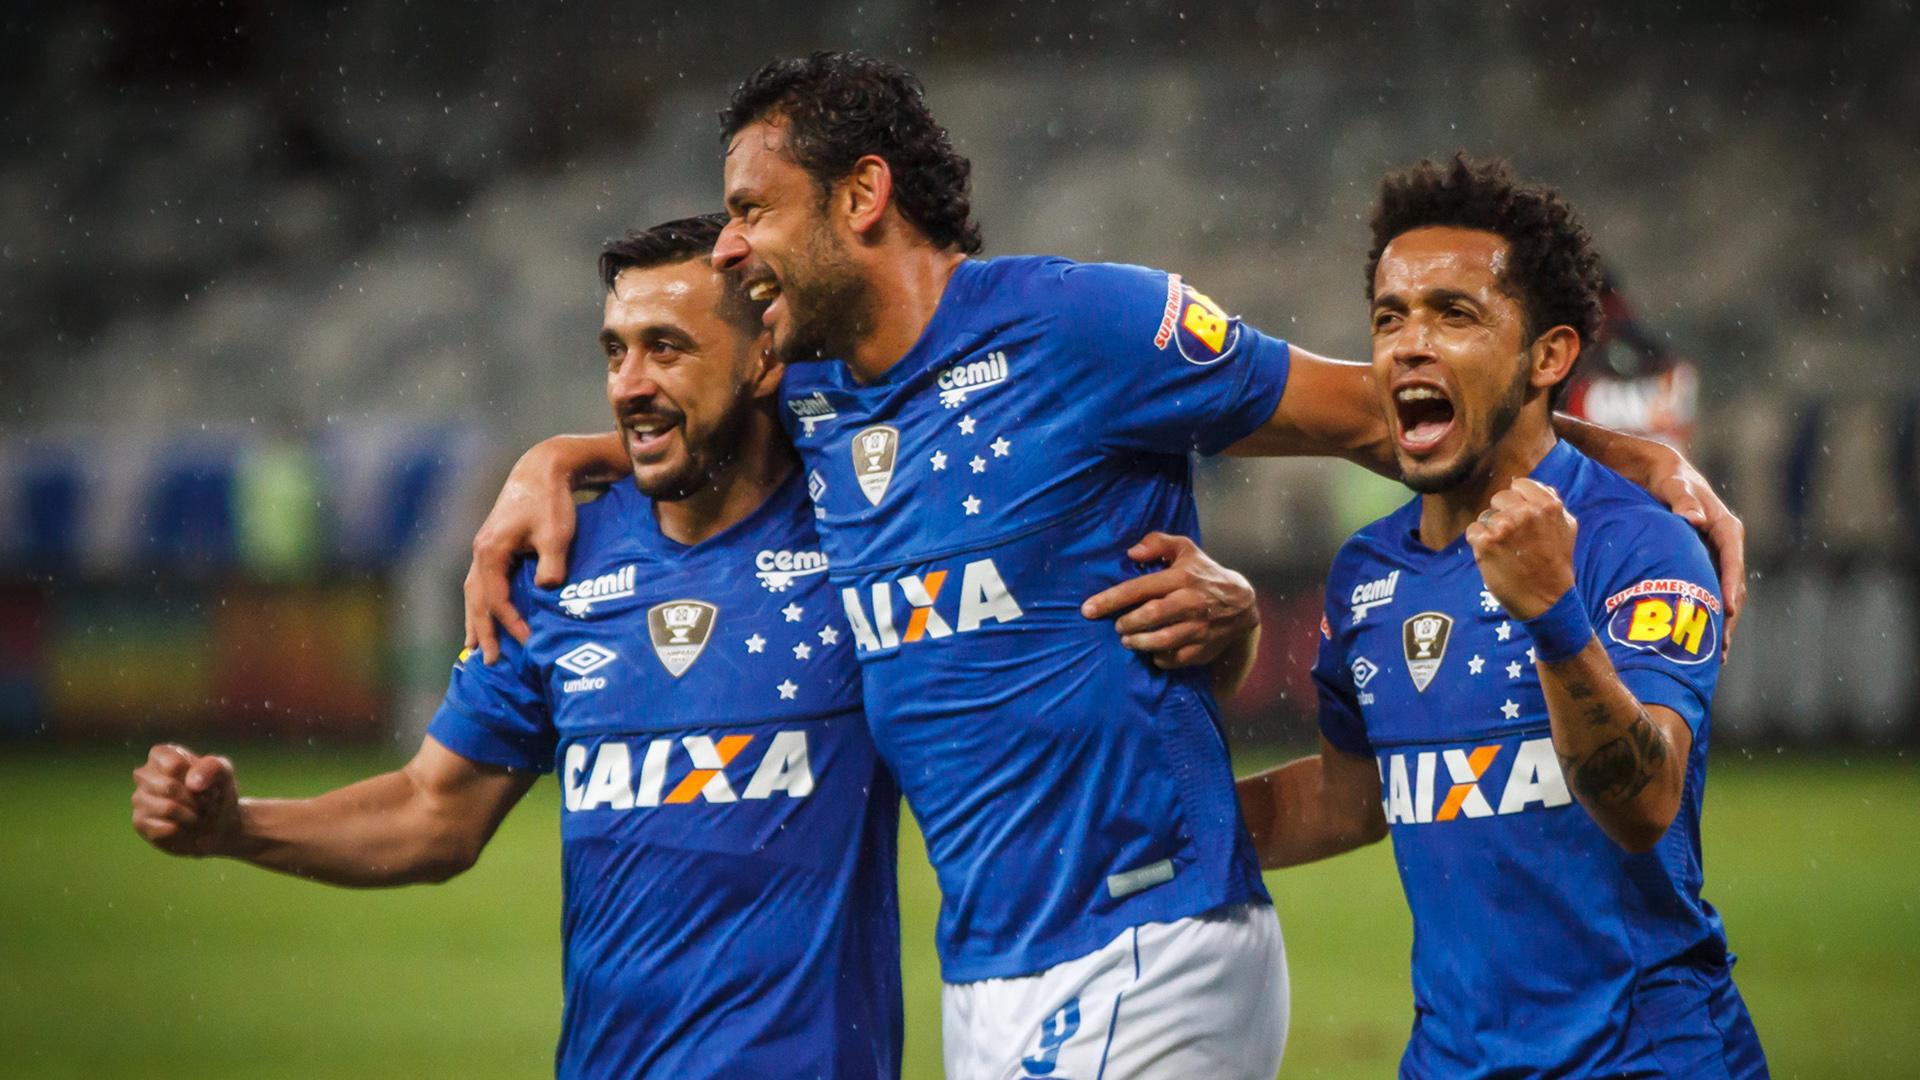 Fred Robinho Rafinha Cruzeiro Vitória Brasileirão Serie A 21112018